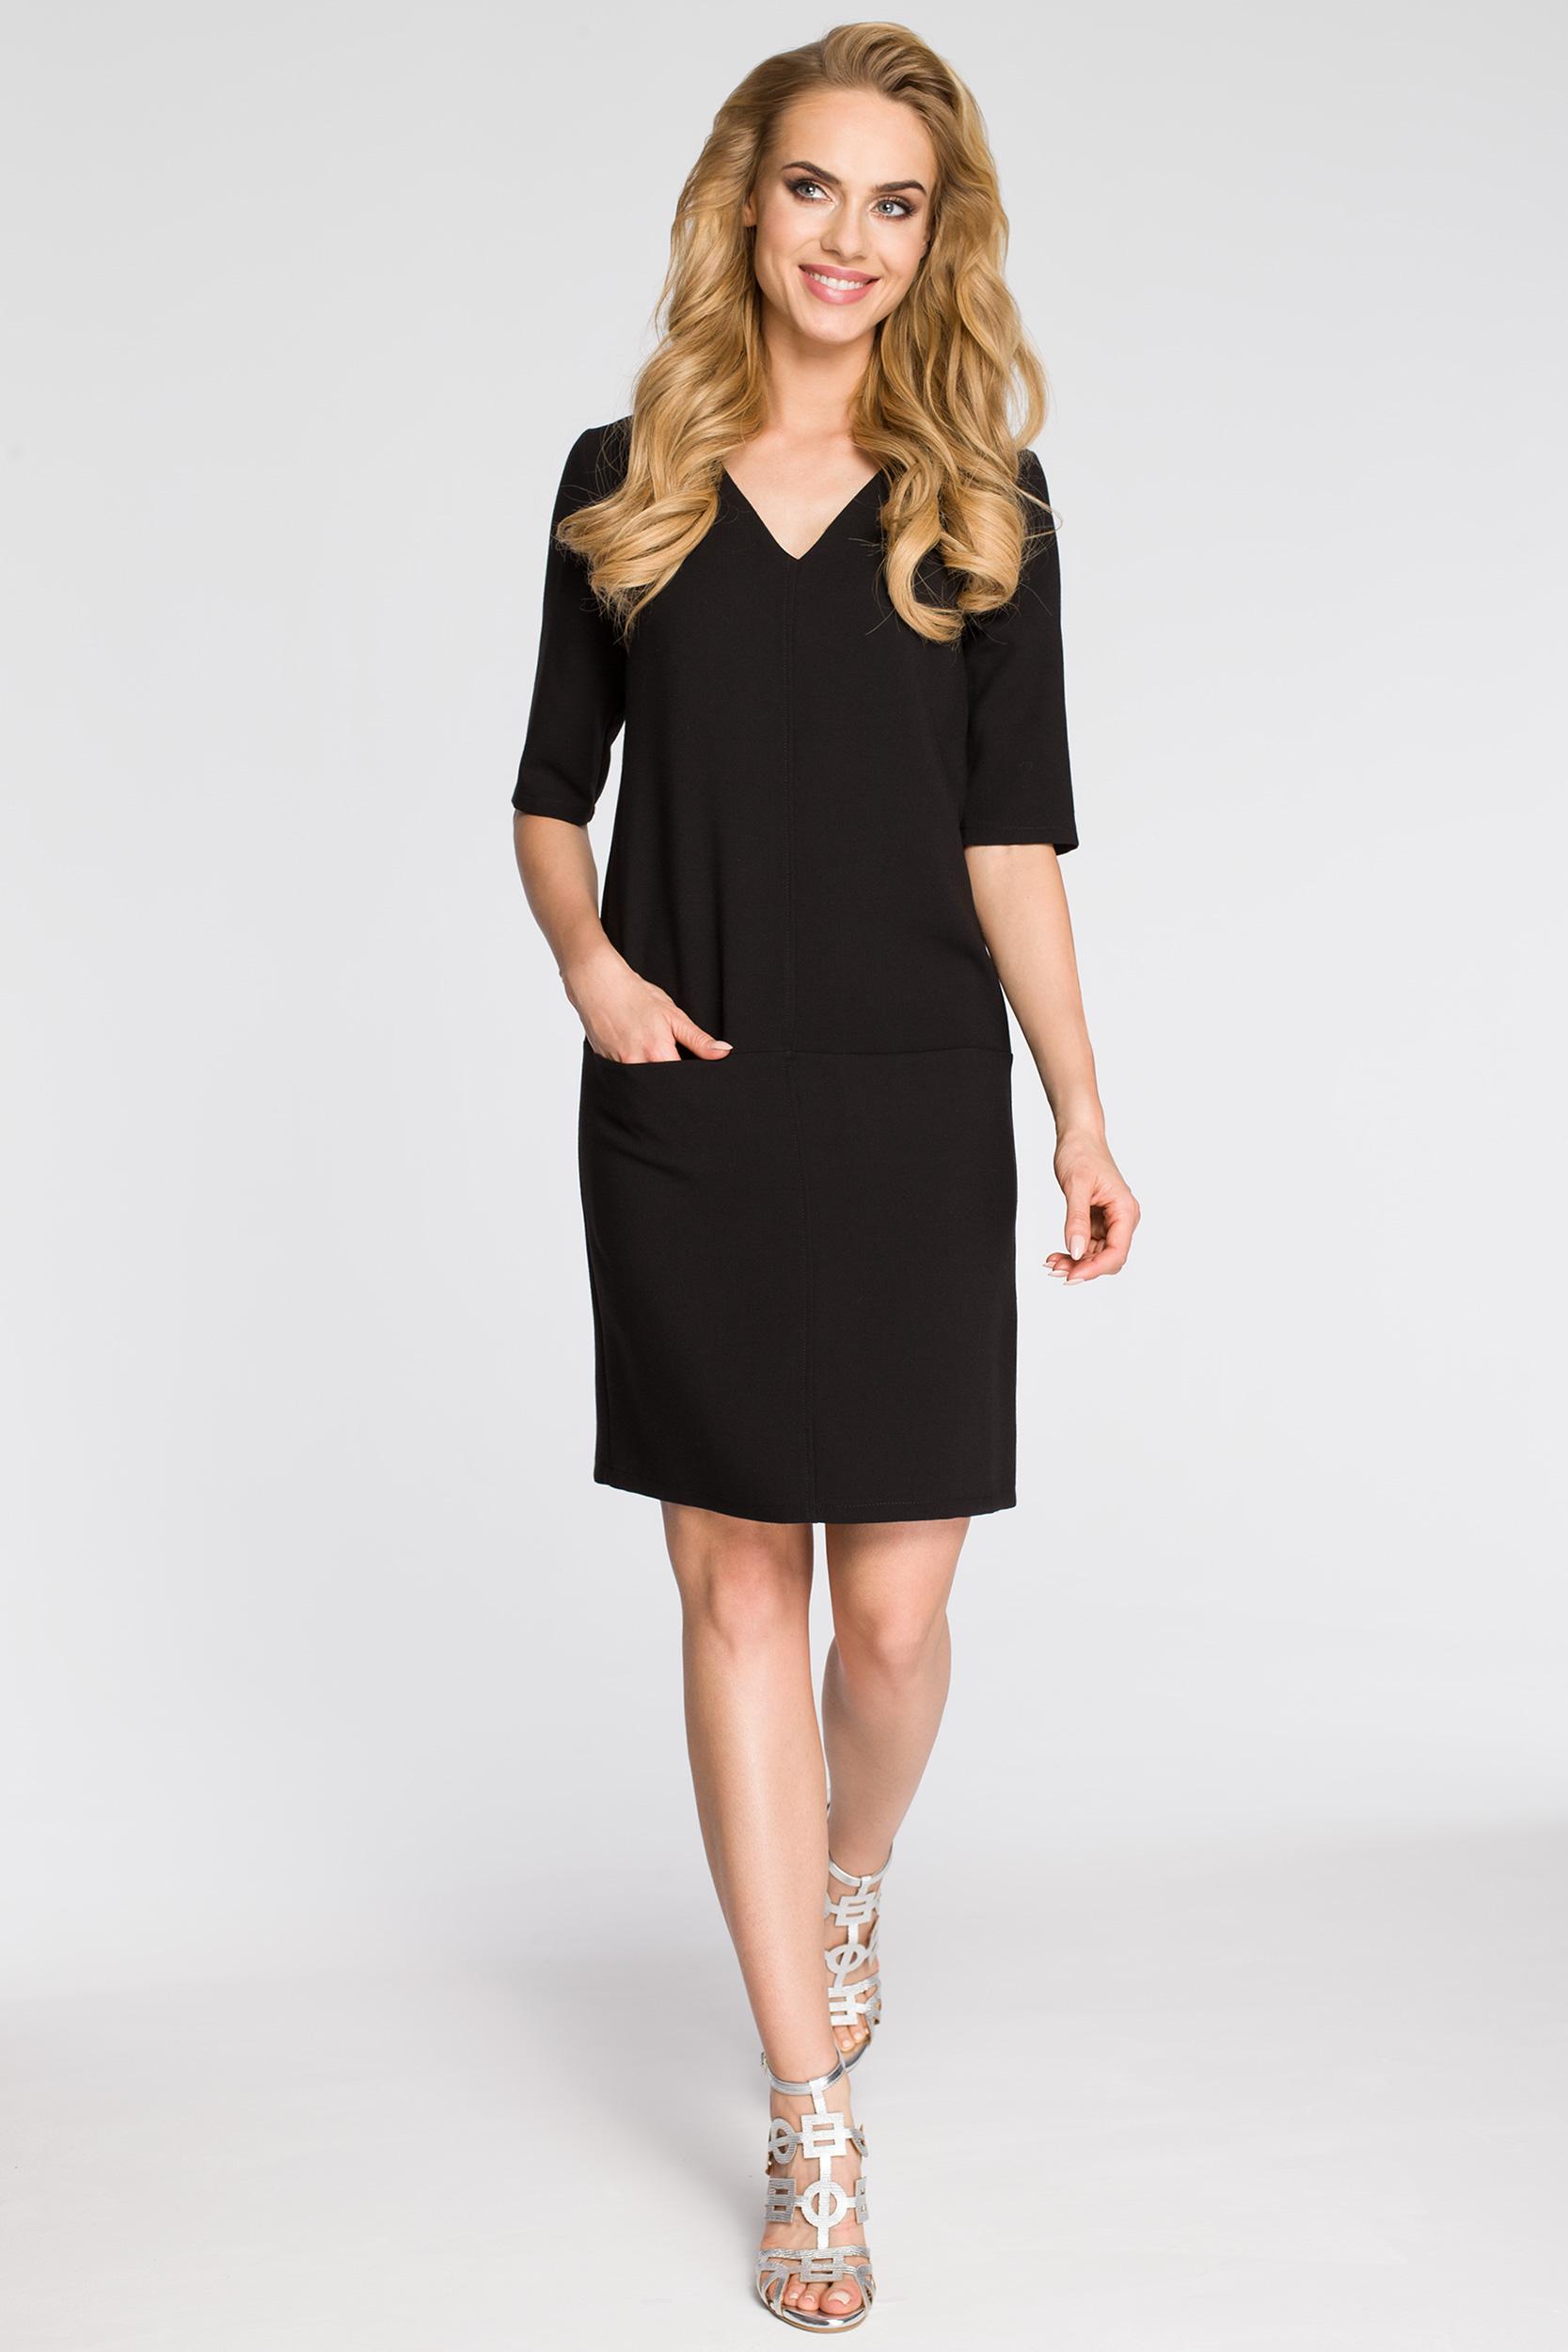 CM2561 Prosta sukienka z kieszeniami z przodu - czarna